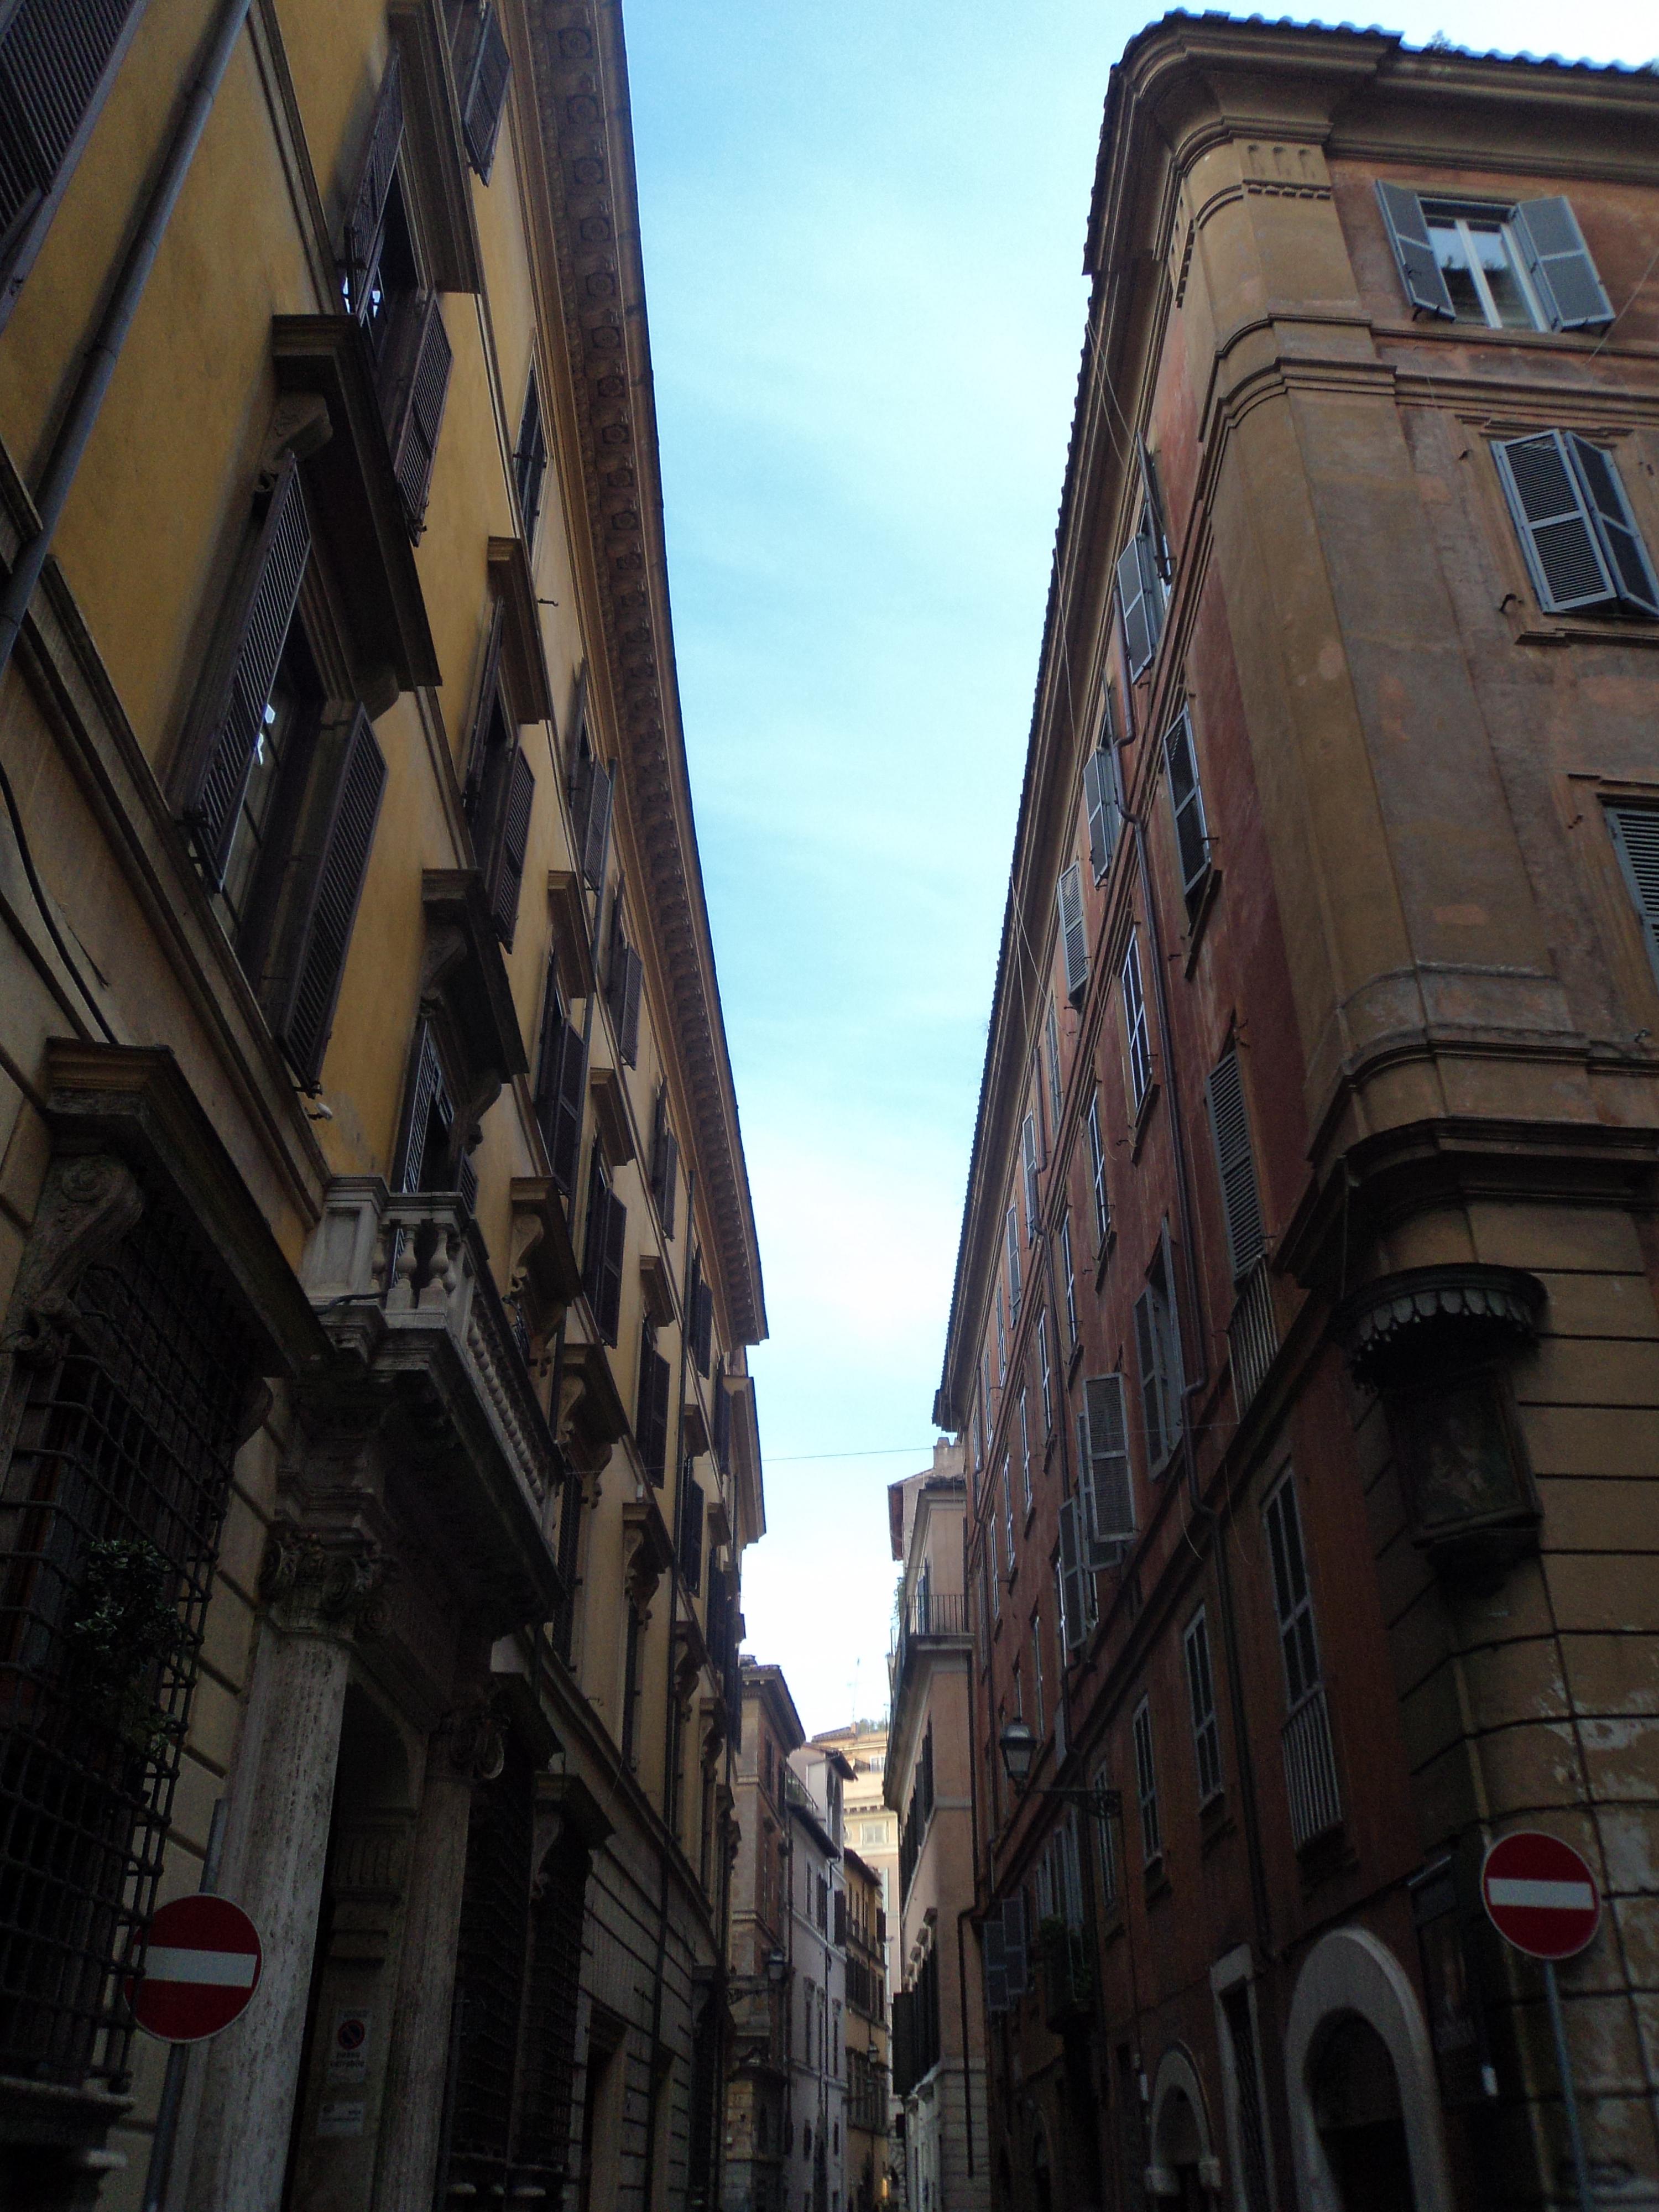 File:Via del Gesù (Roma).JPG - Wikimedia Commons